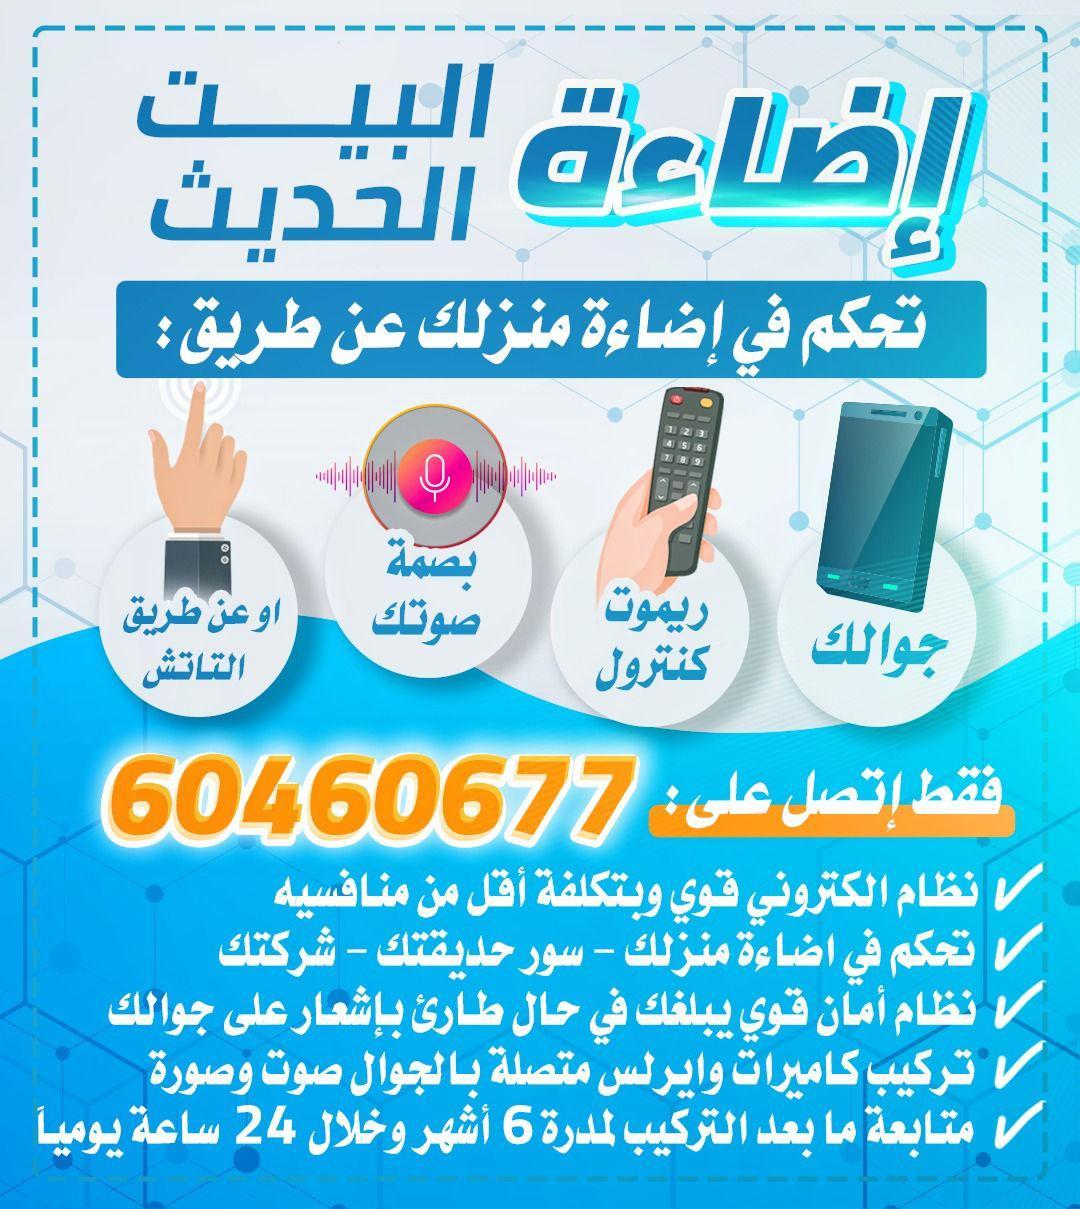 فنى كهربائى - الاتصال 60460677